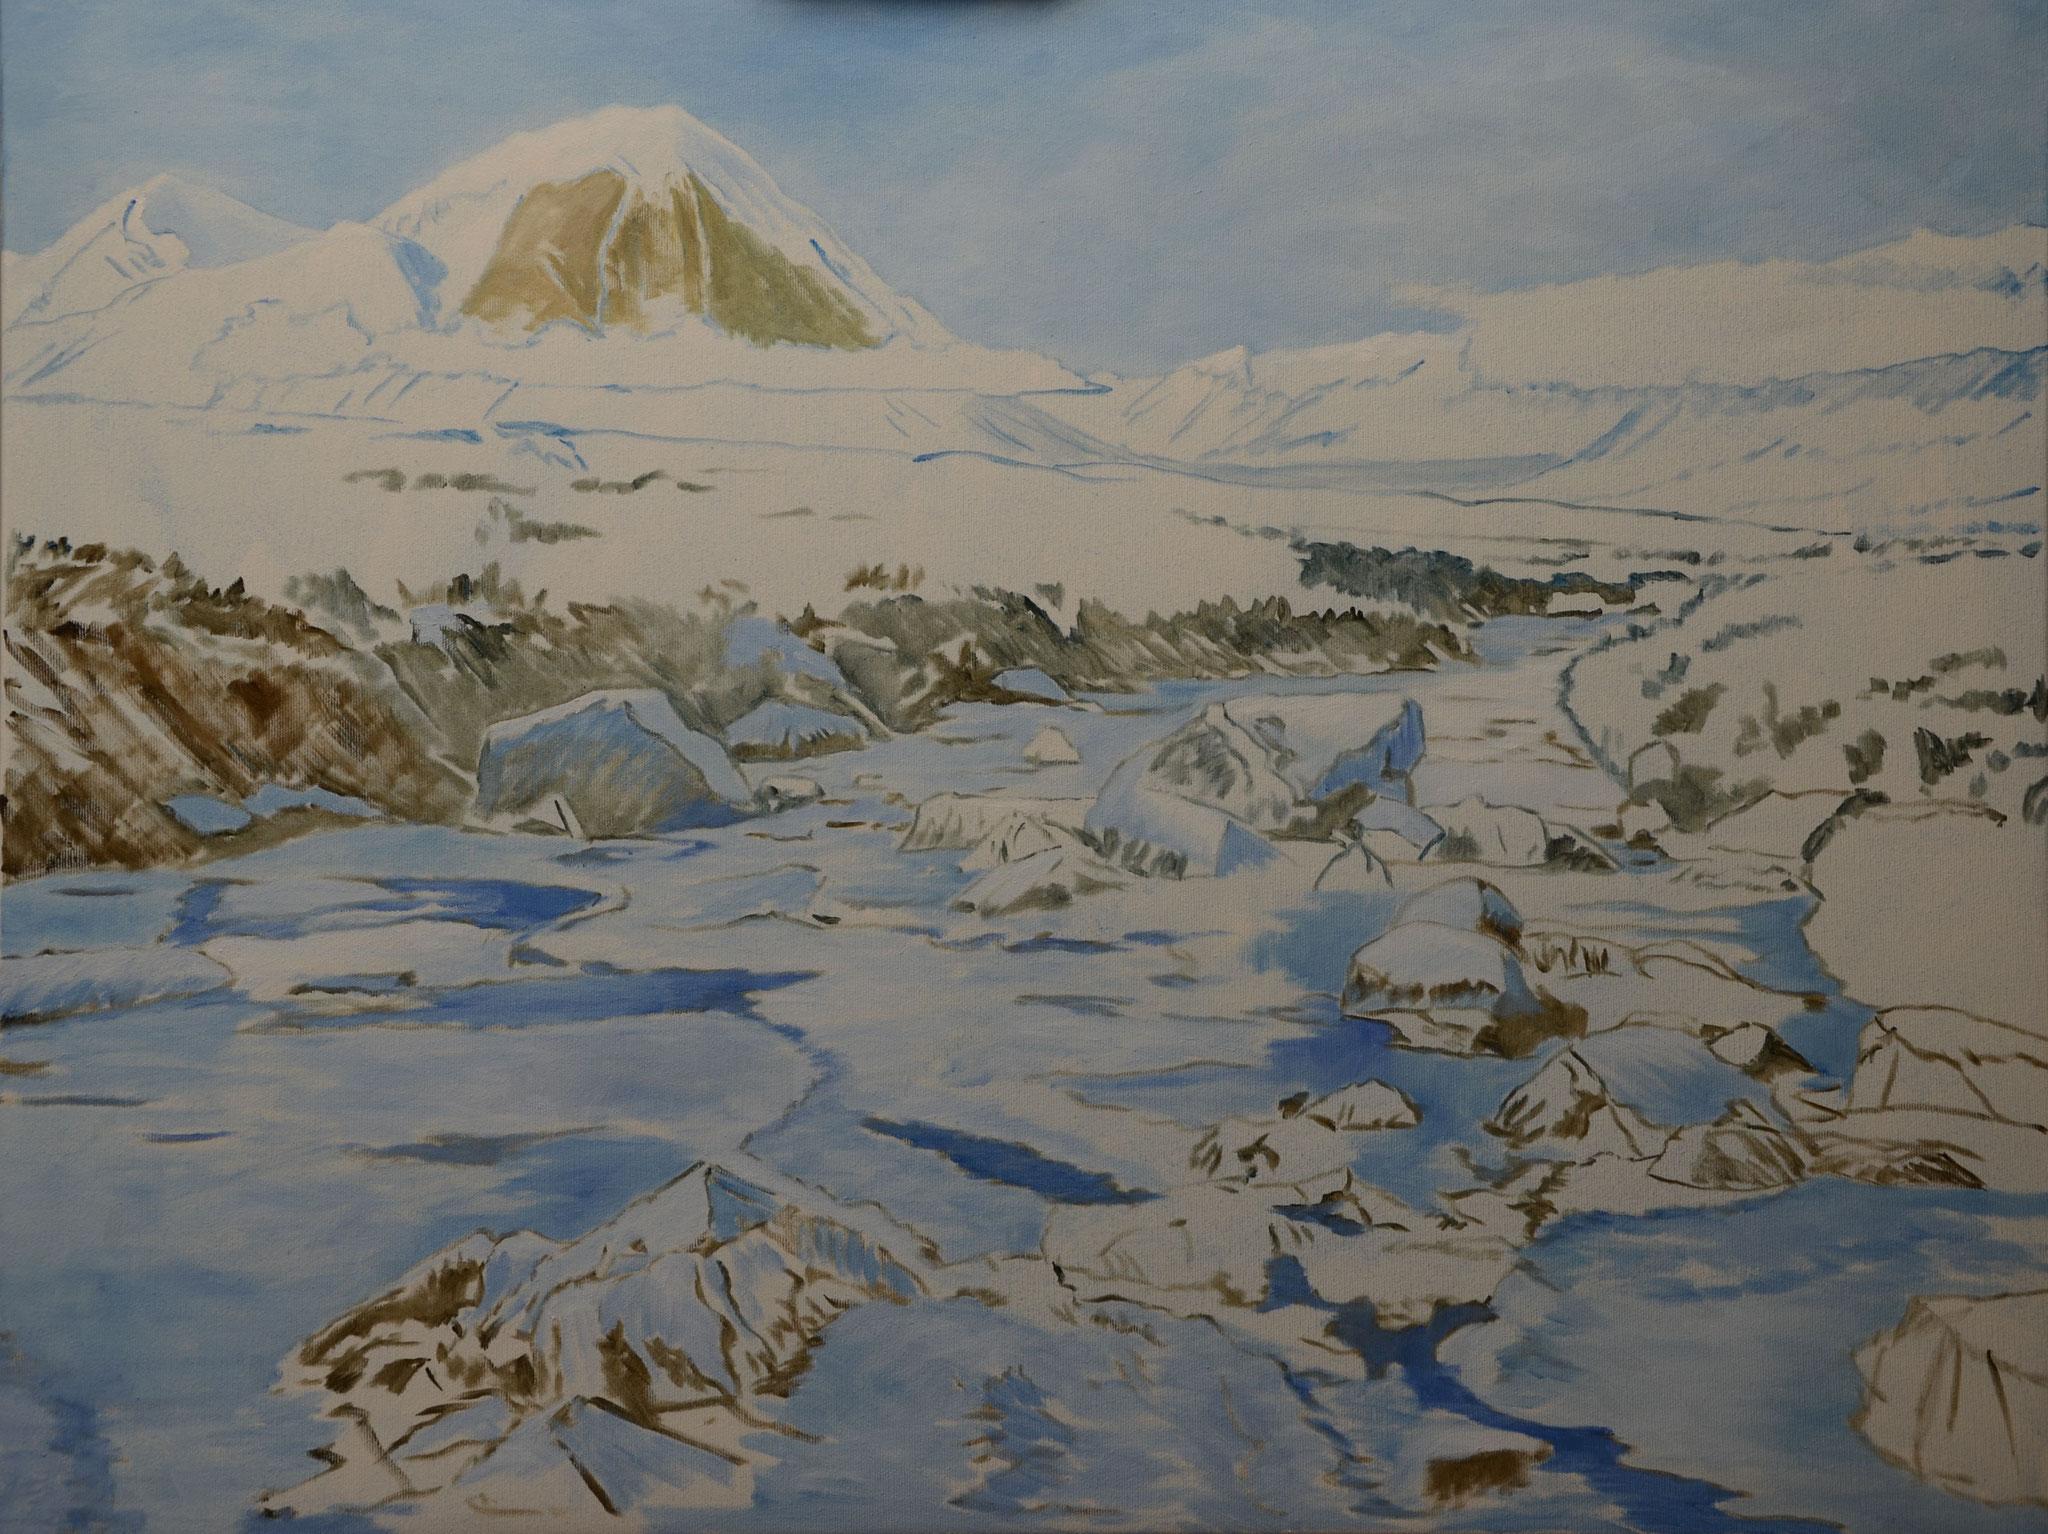 Frontanteil des Berges im Hintergrund